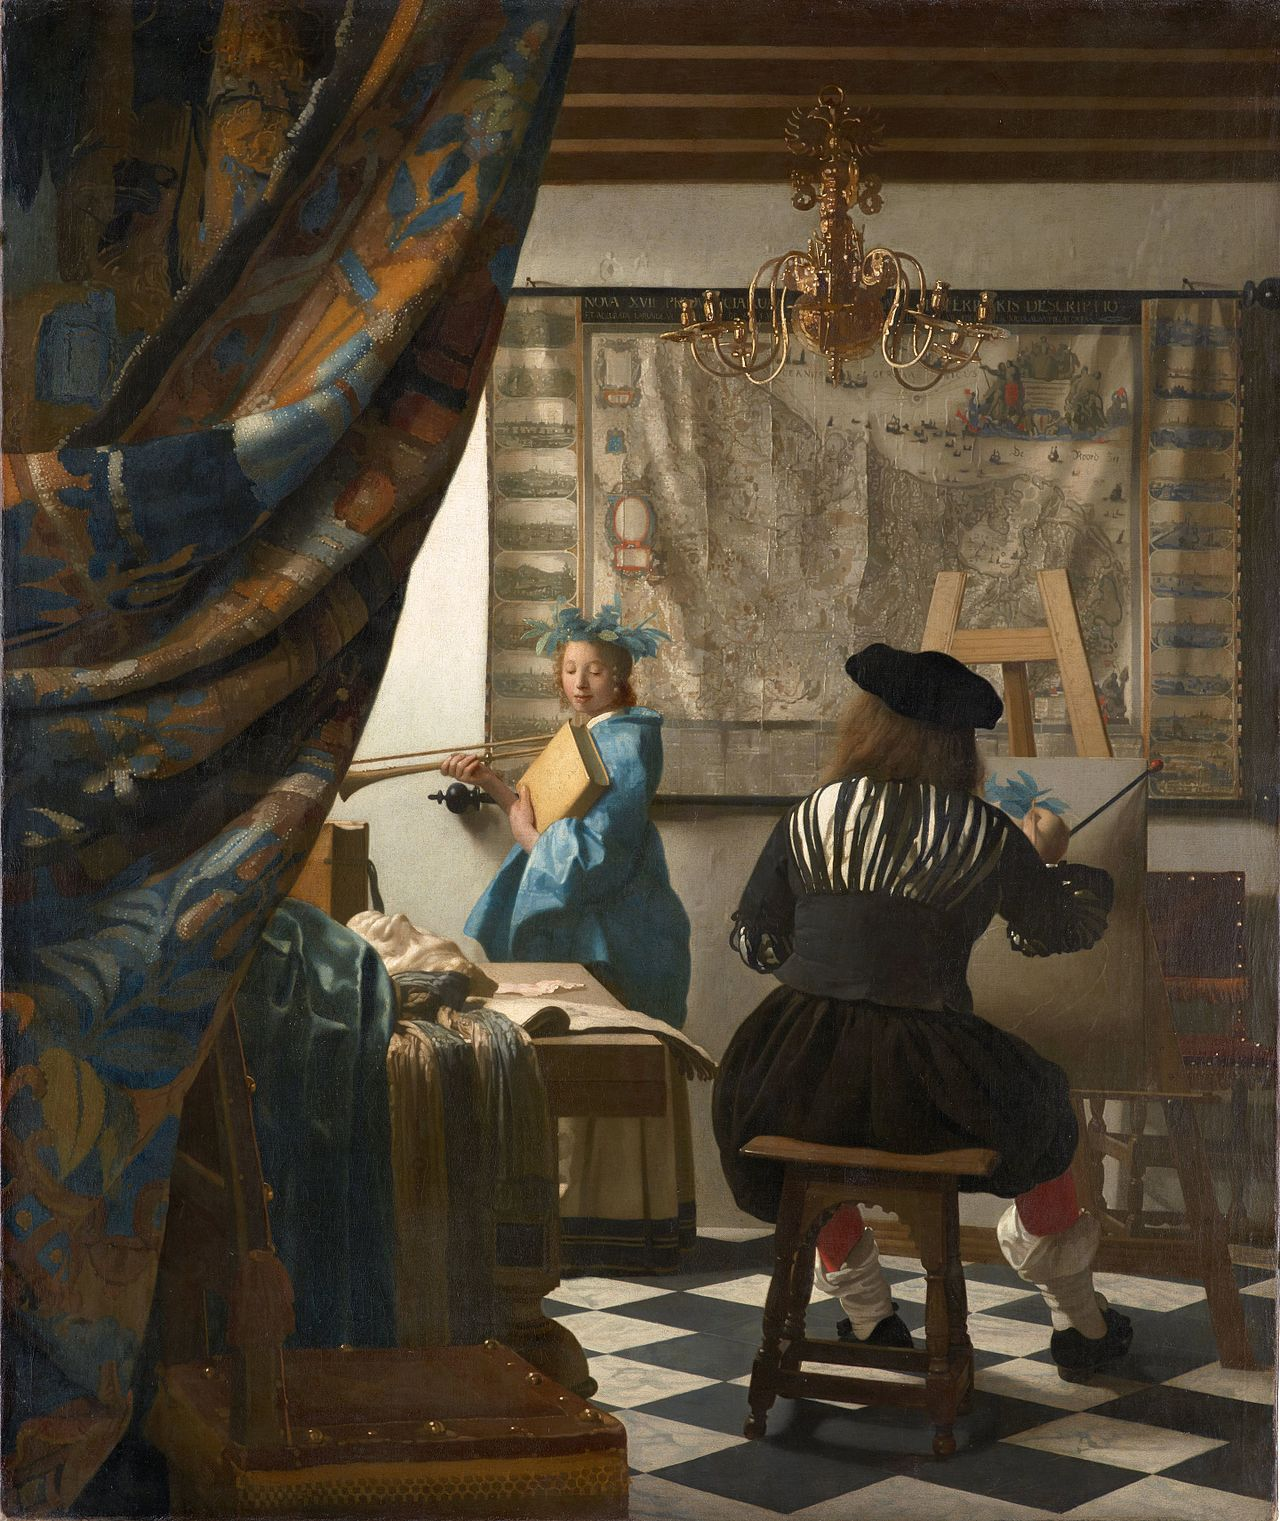 31. L'Allegoria della Pittura - Jan Vermeer (c. 1666) - Kunsthistorisches Museum, Vienna